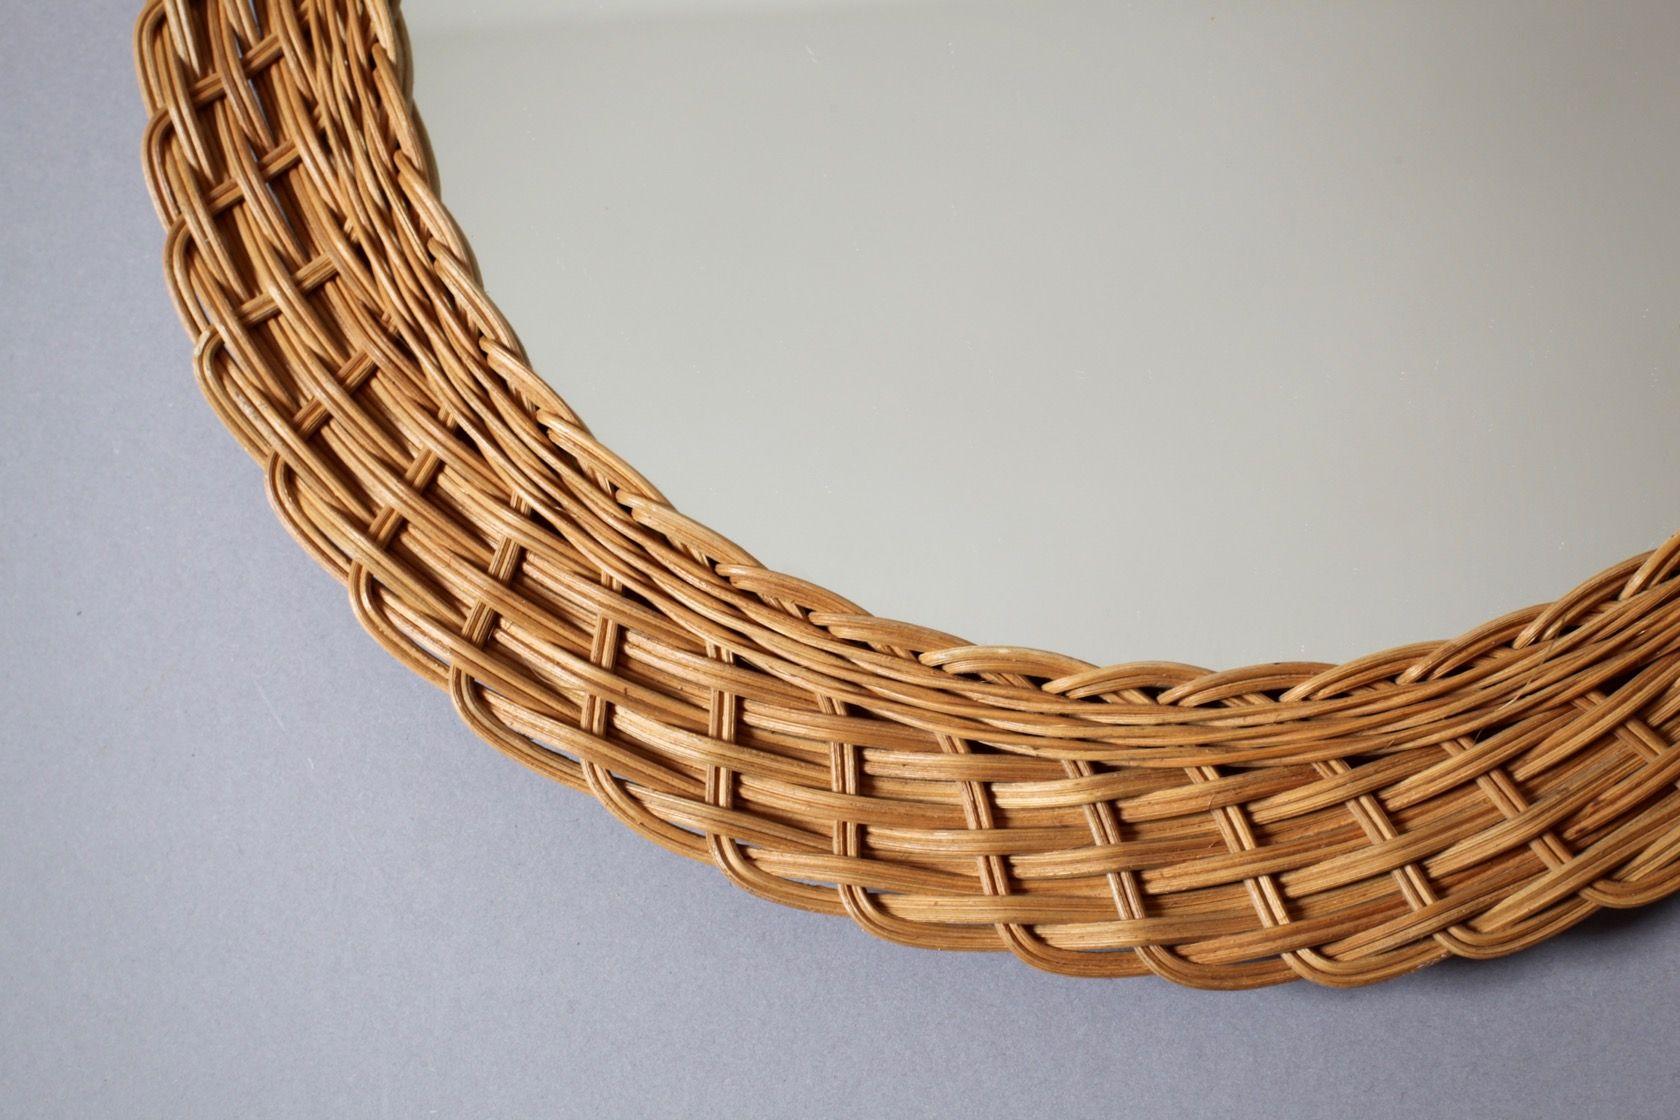 vintage wandspiegel mit rattan rahmen bei pamono kaufen. Black Bedroom Furniture Sets. Home Design Ideas